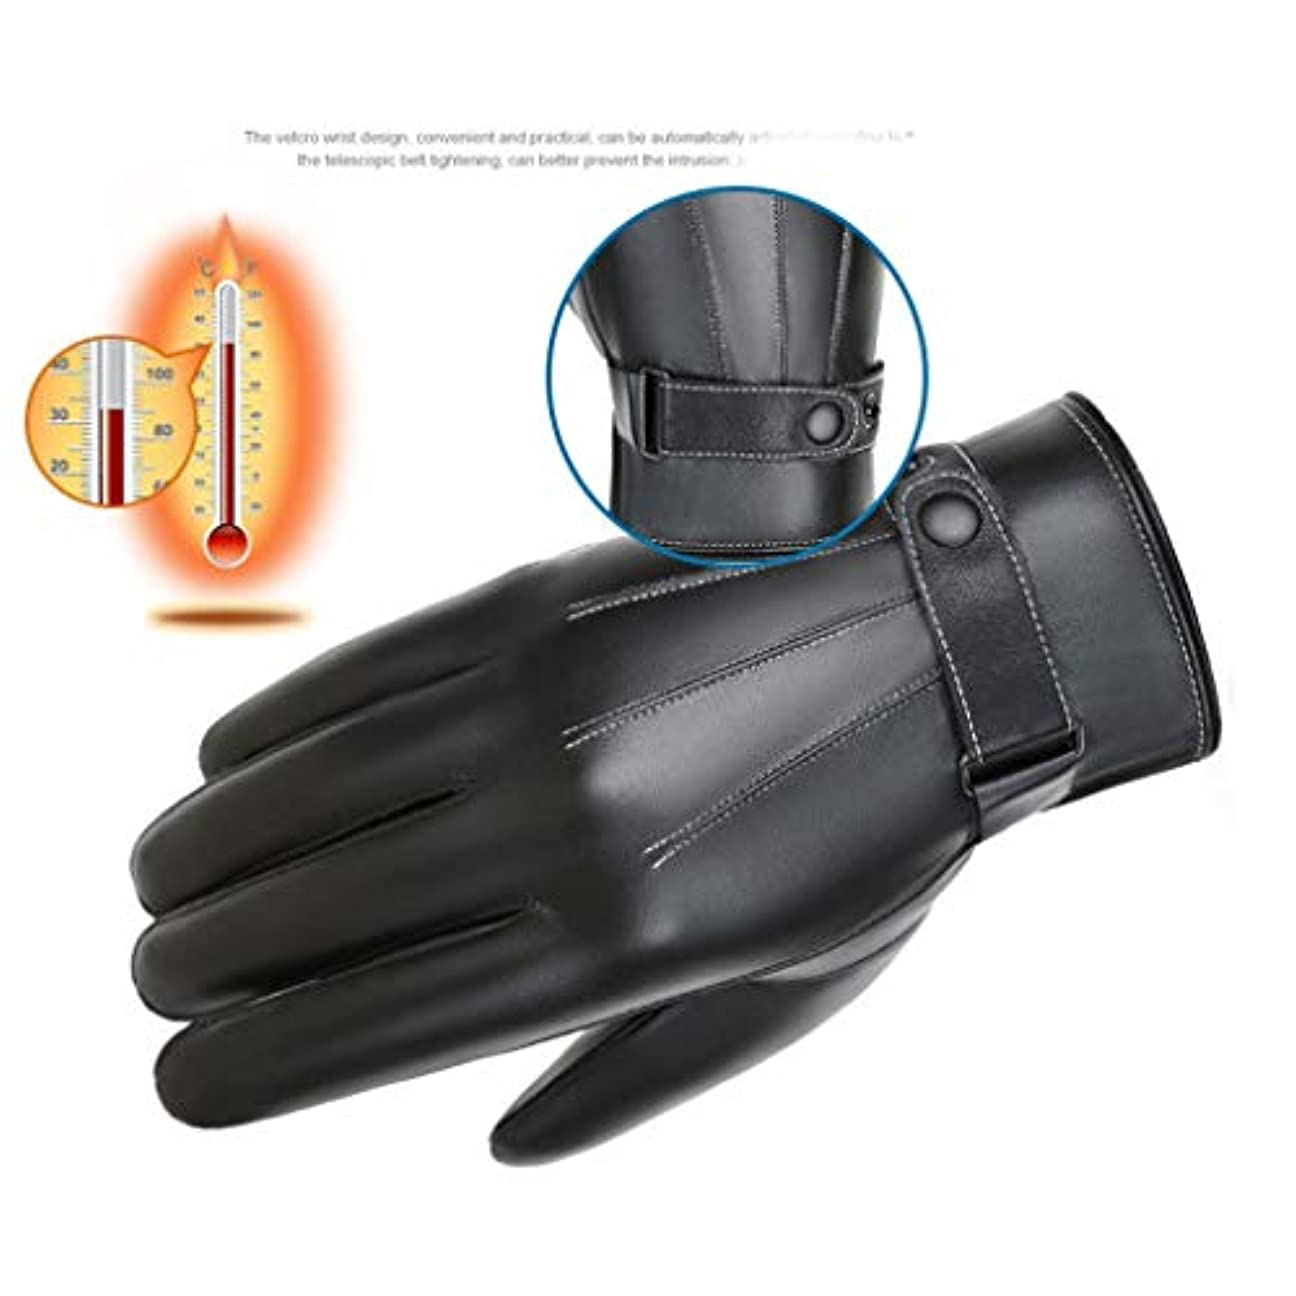 チョーク乳白色真空タッチスクリーンのメンズグローブ冬プラスベルベット厚い暖かい防風防水ライドバイクバイクの乗り物の手袋